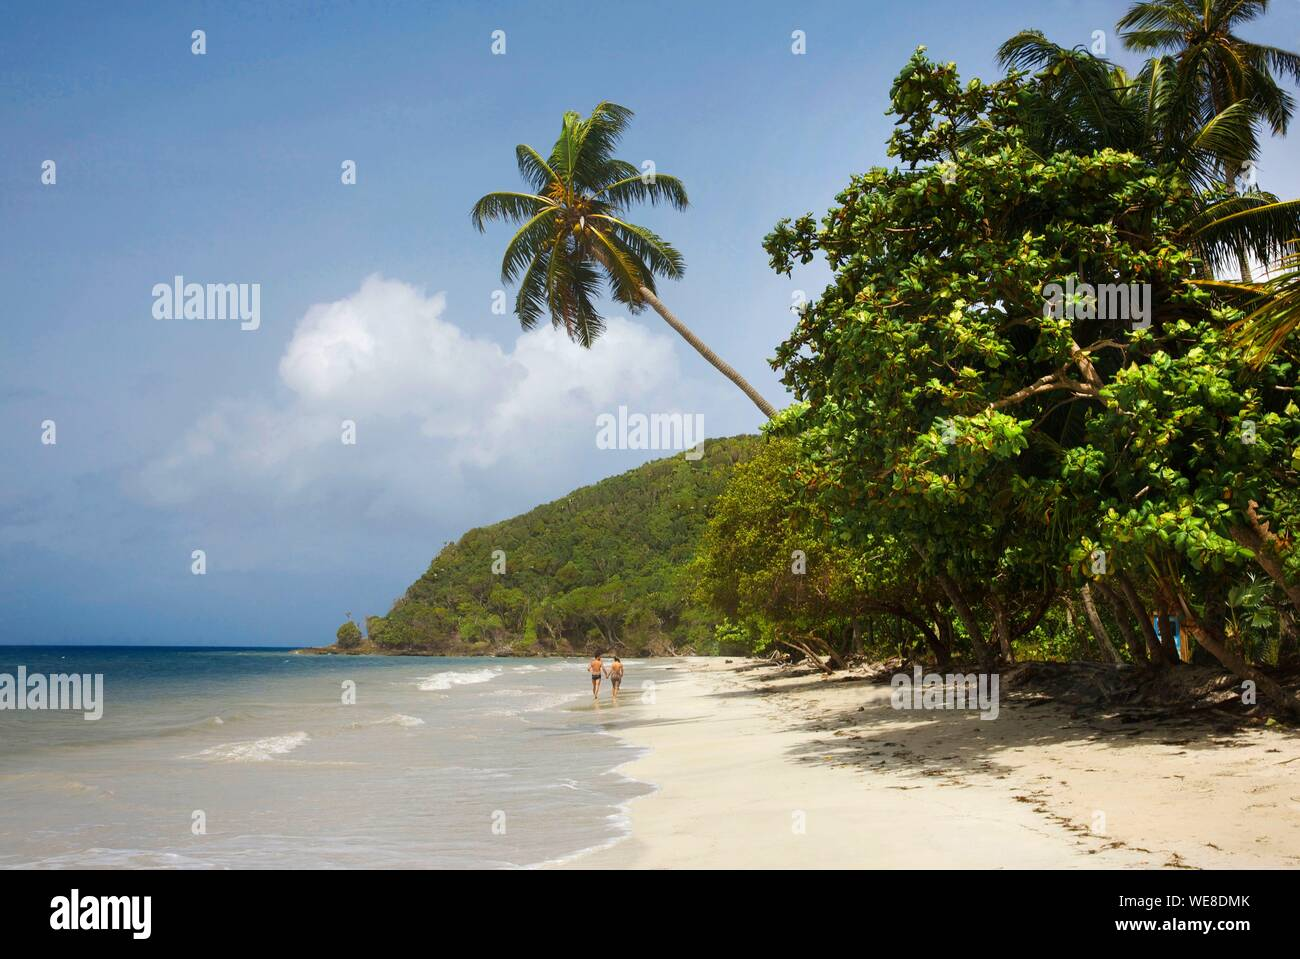 La Colombia, isola di Providencia, giovane di camminare sulla spiaggia di Manzanillo fiancheggiate da alte palme da cocco e bagnata dal Mar dei Caraibi Foto Stock